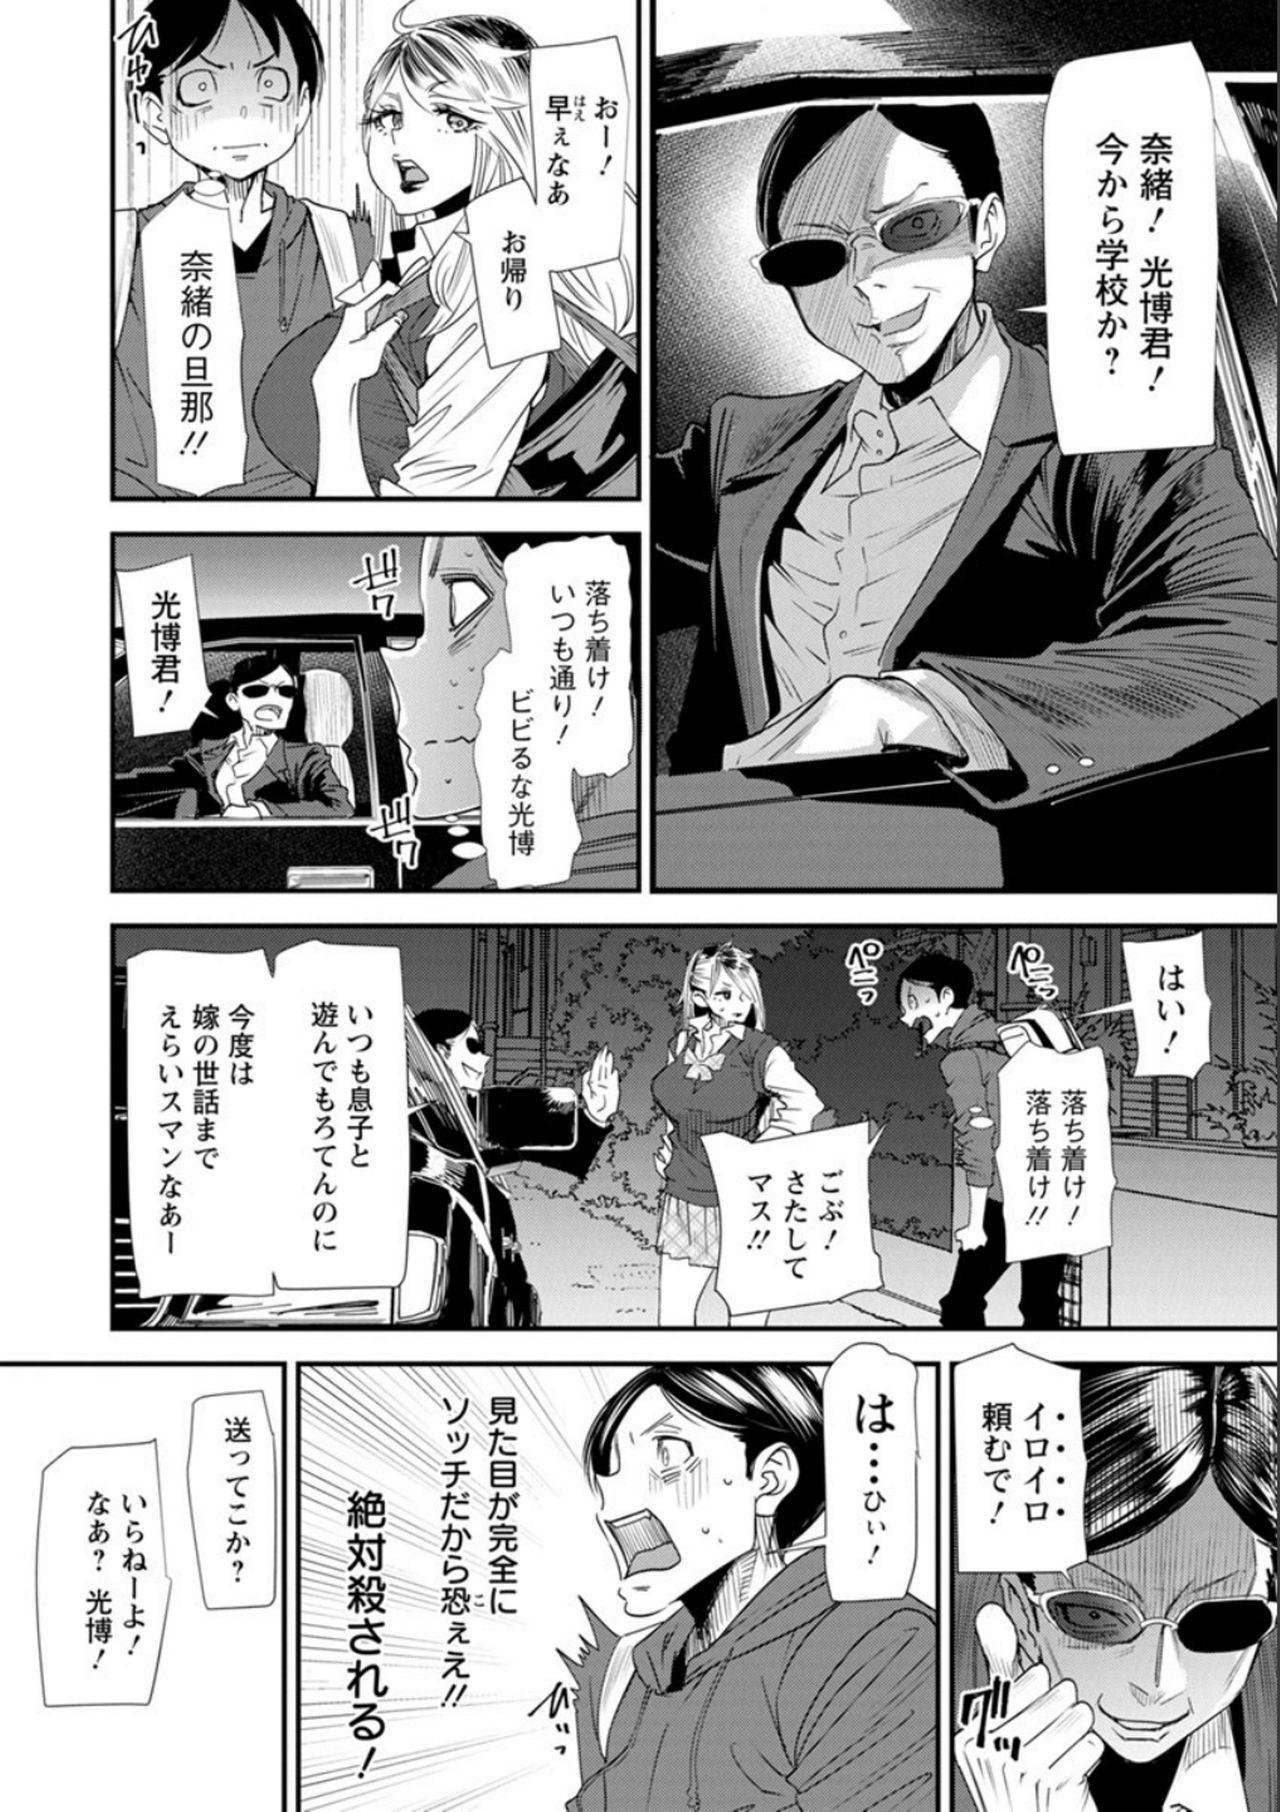 Nao's Secret 49